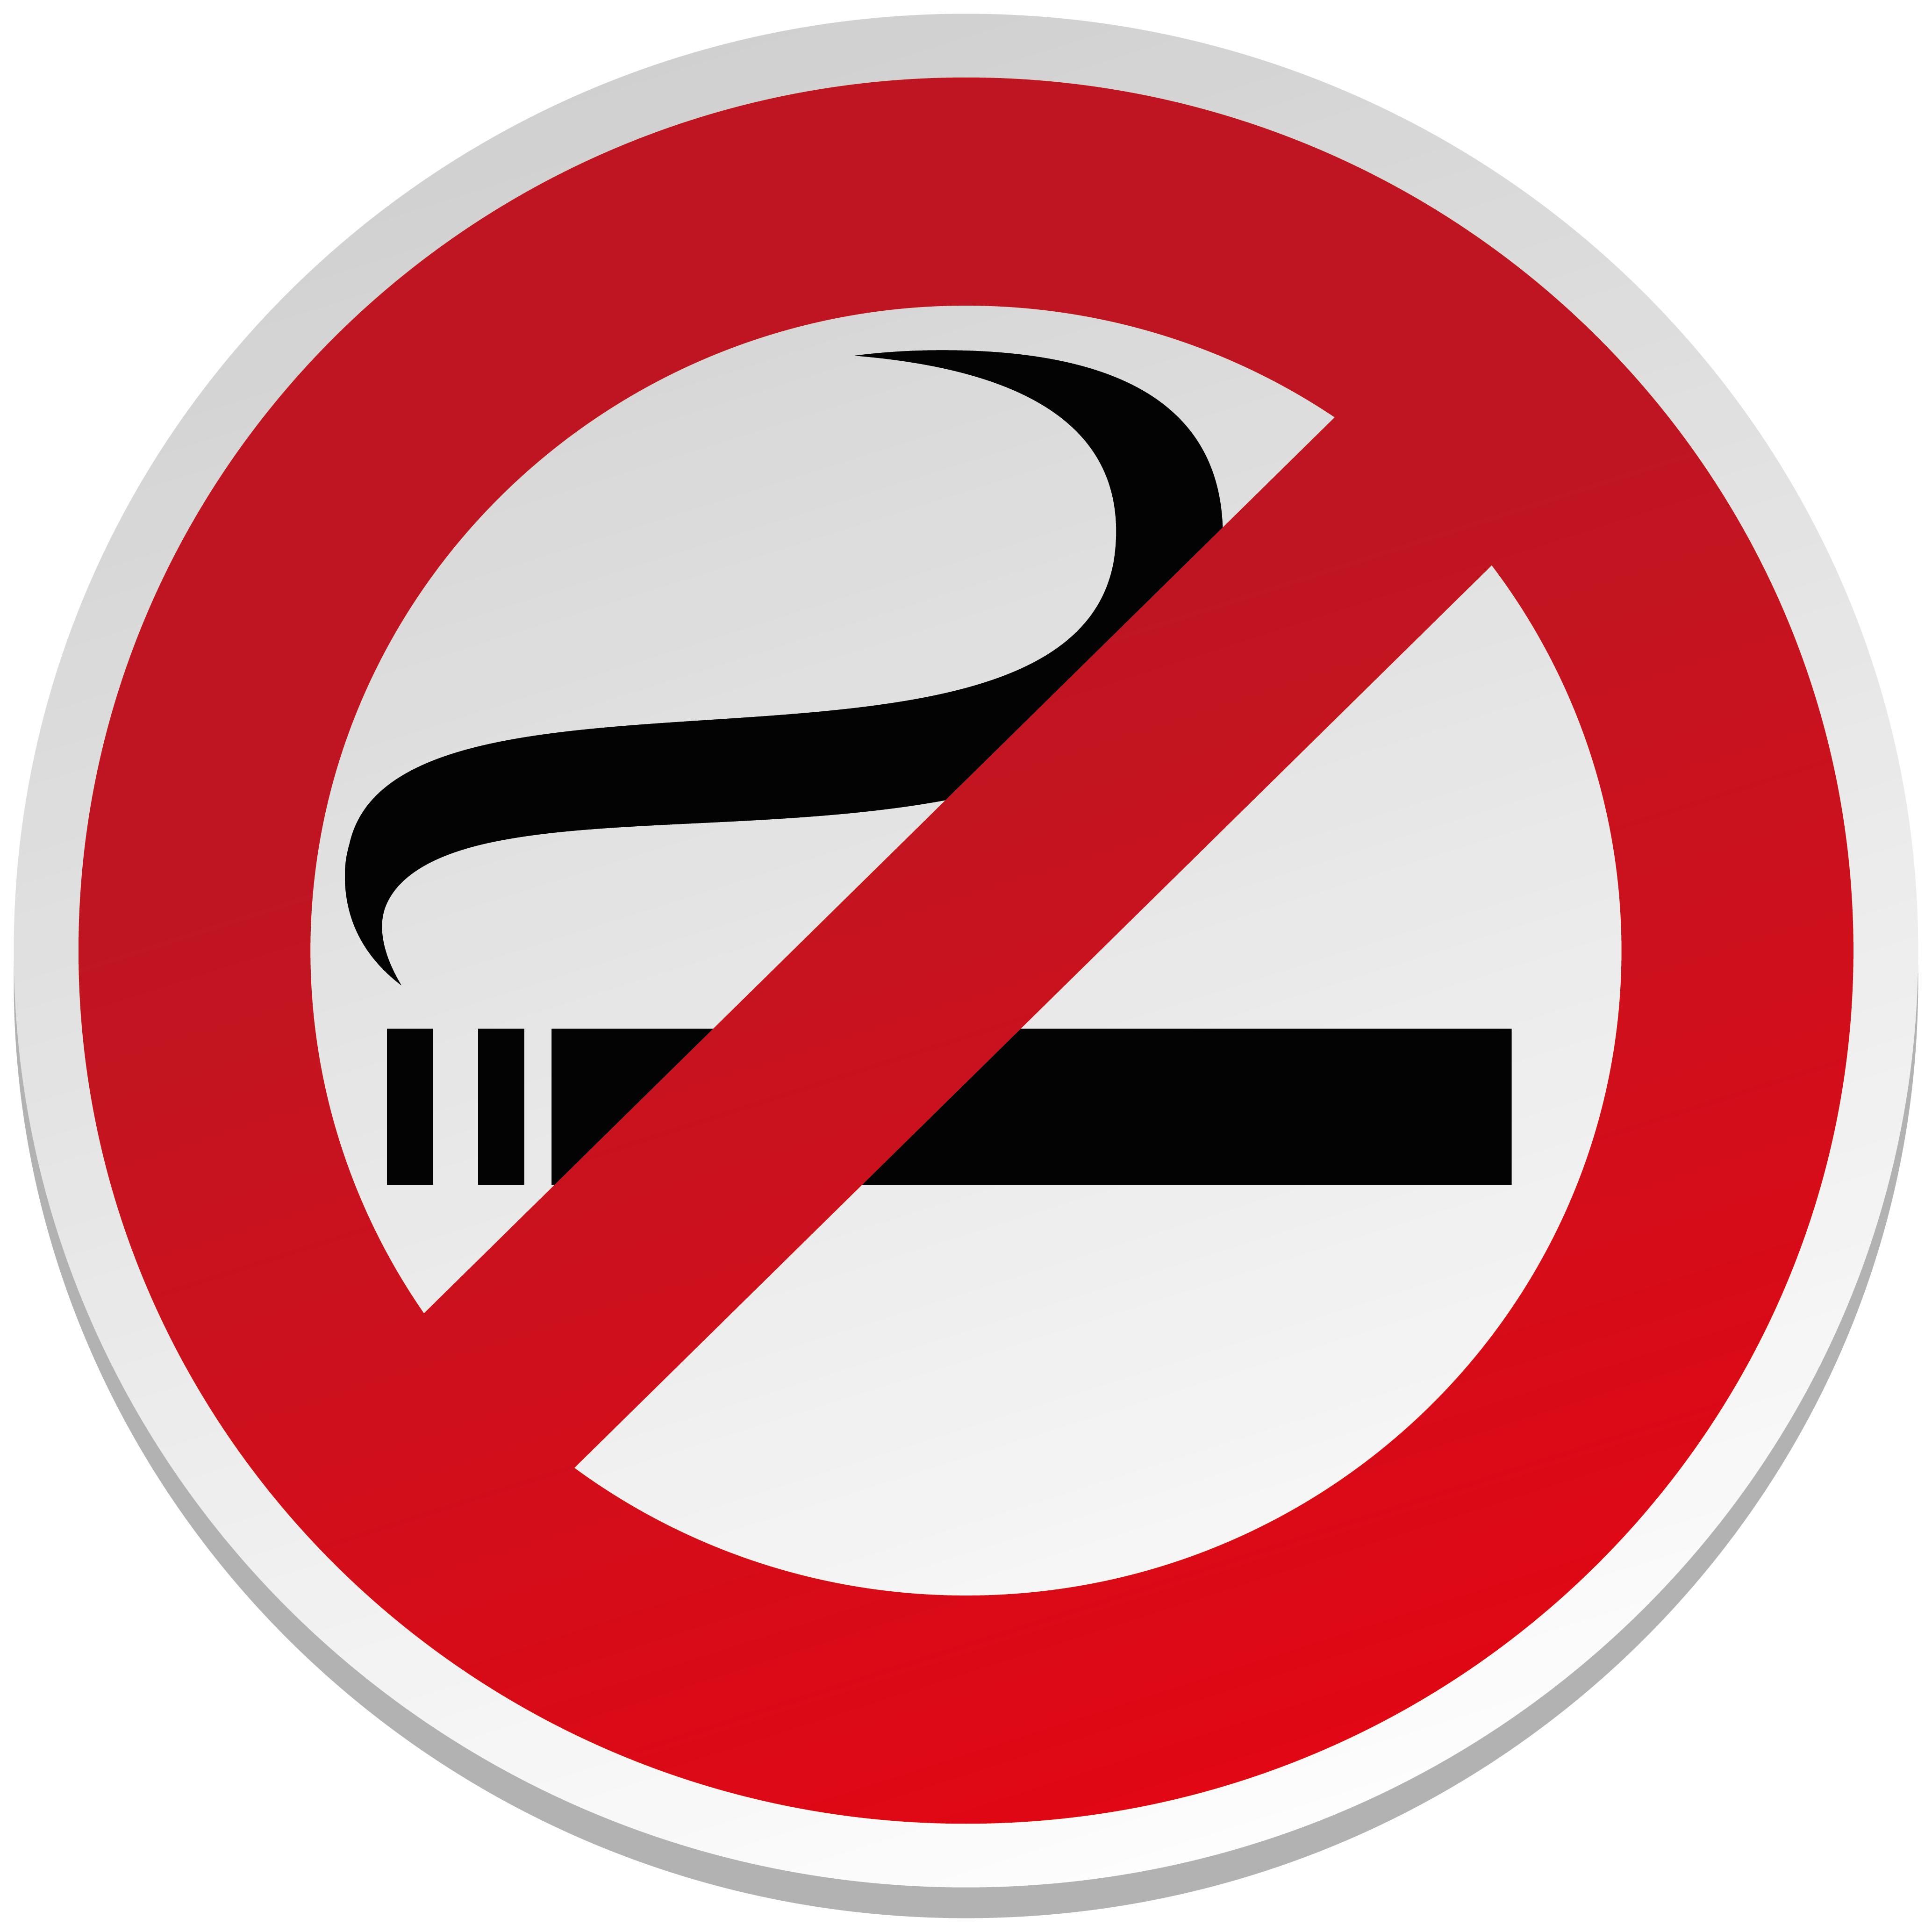 Affiche Interdiction De Fumer Gratuit Idees